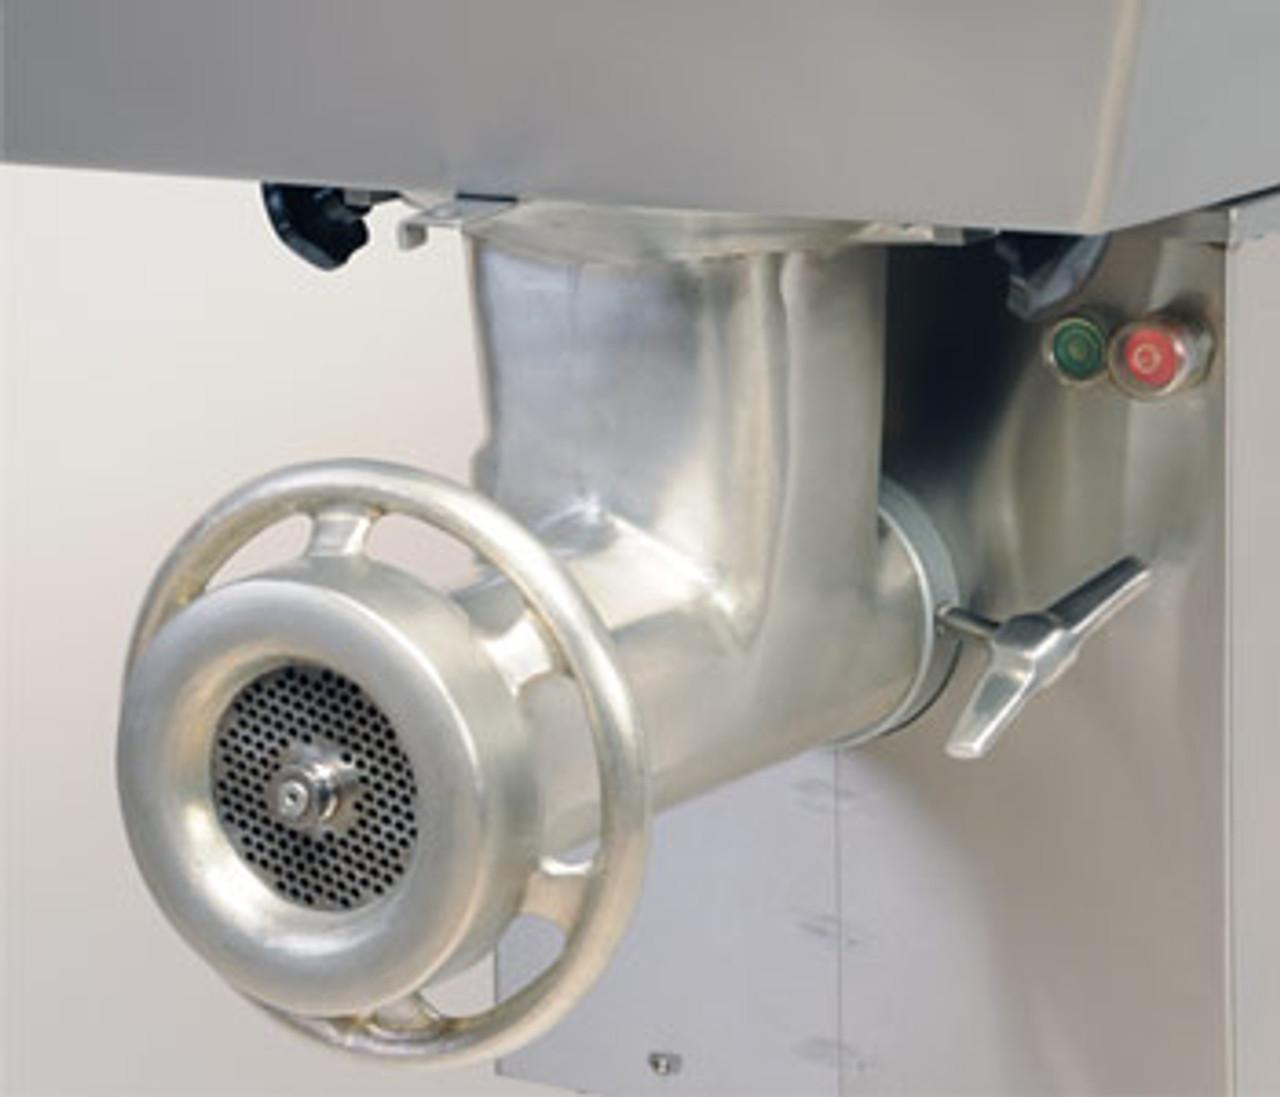 ProCut KG-32-MP Single Phase 220 Volt Meat Grinder